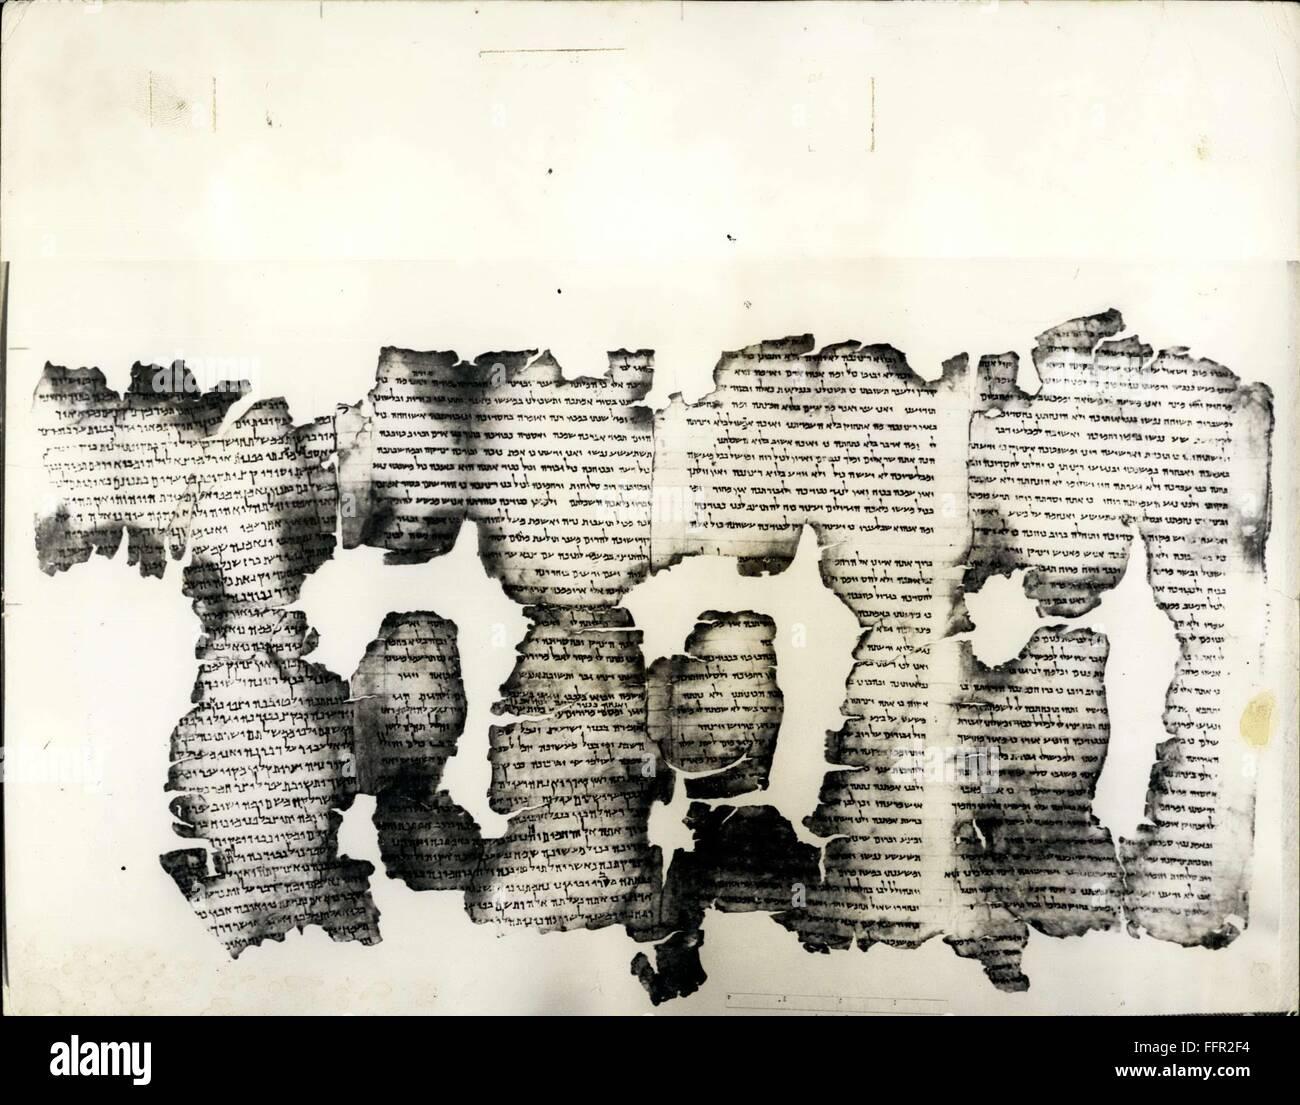 1966 - Le plus ancien manuscrit de la Bible s'agit de la